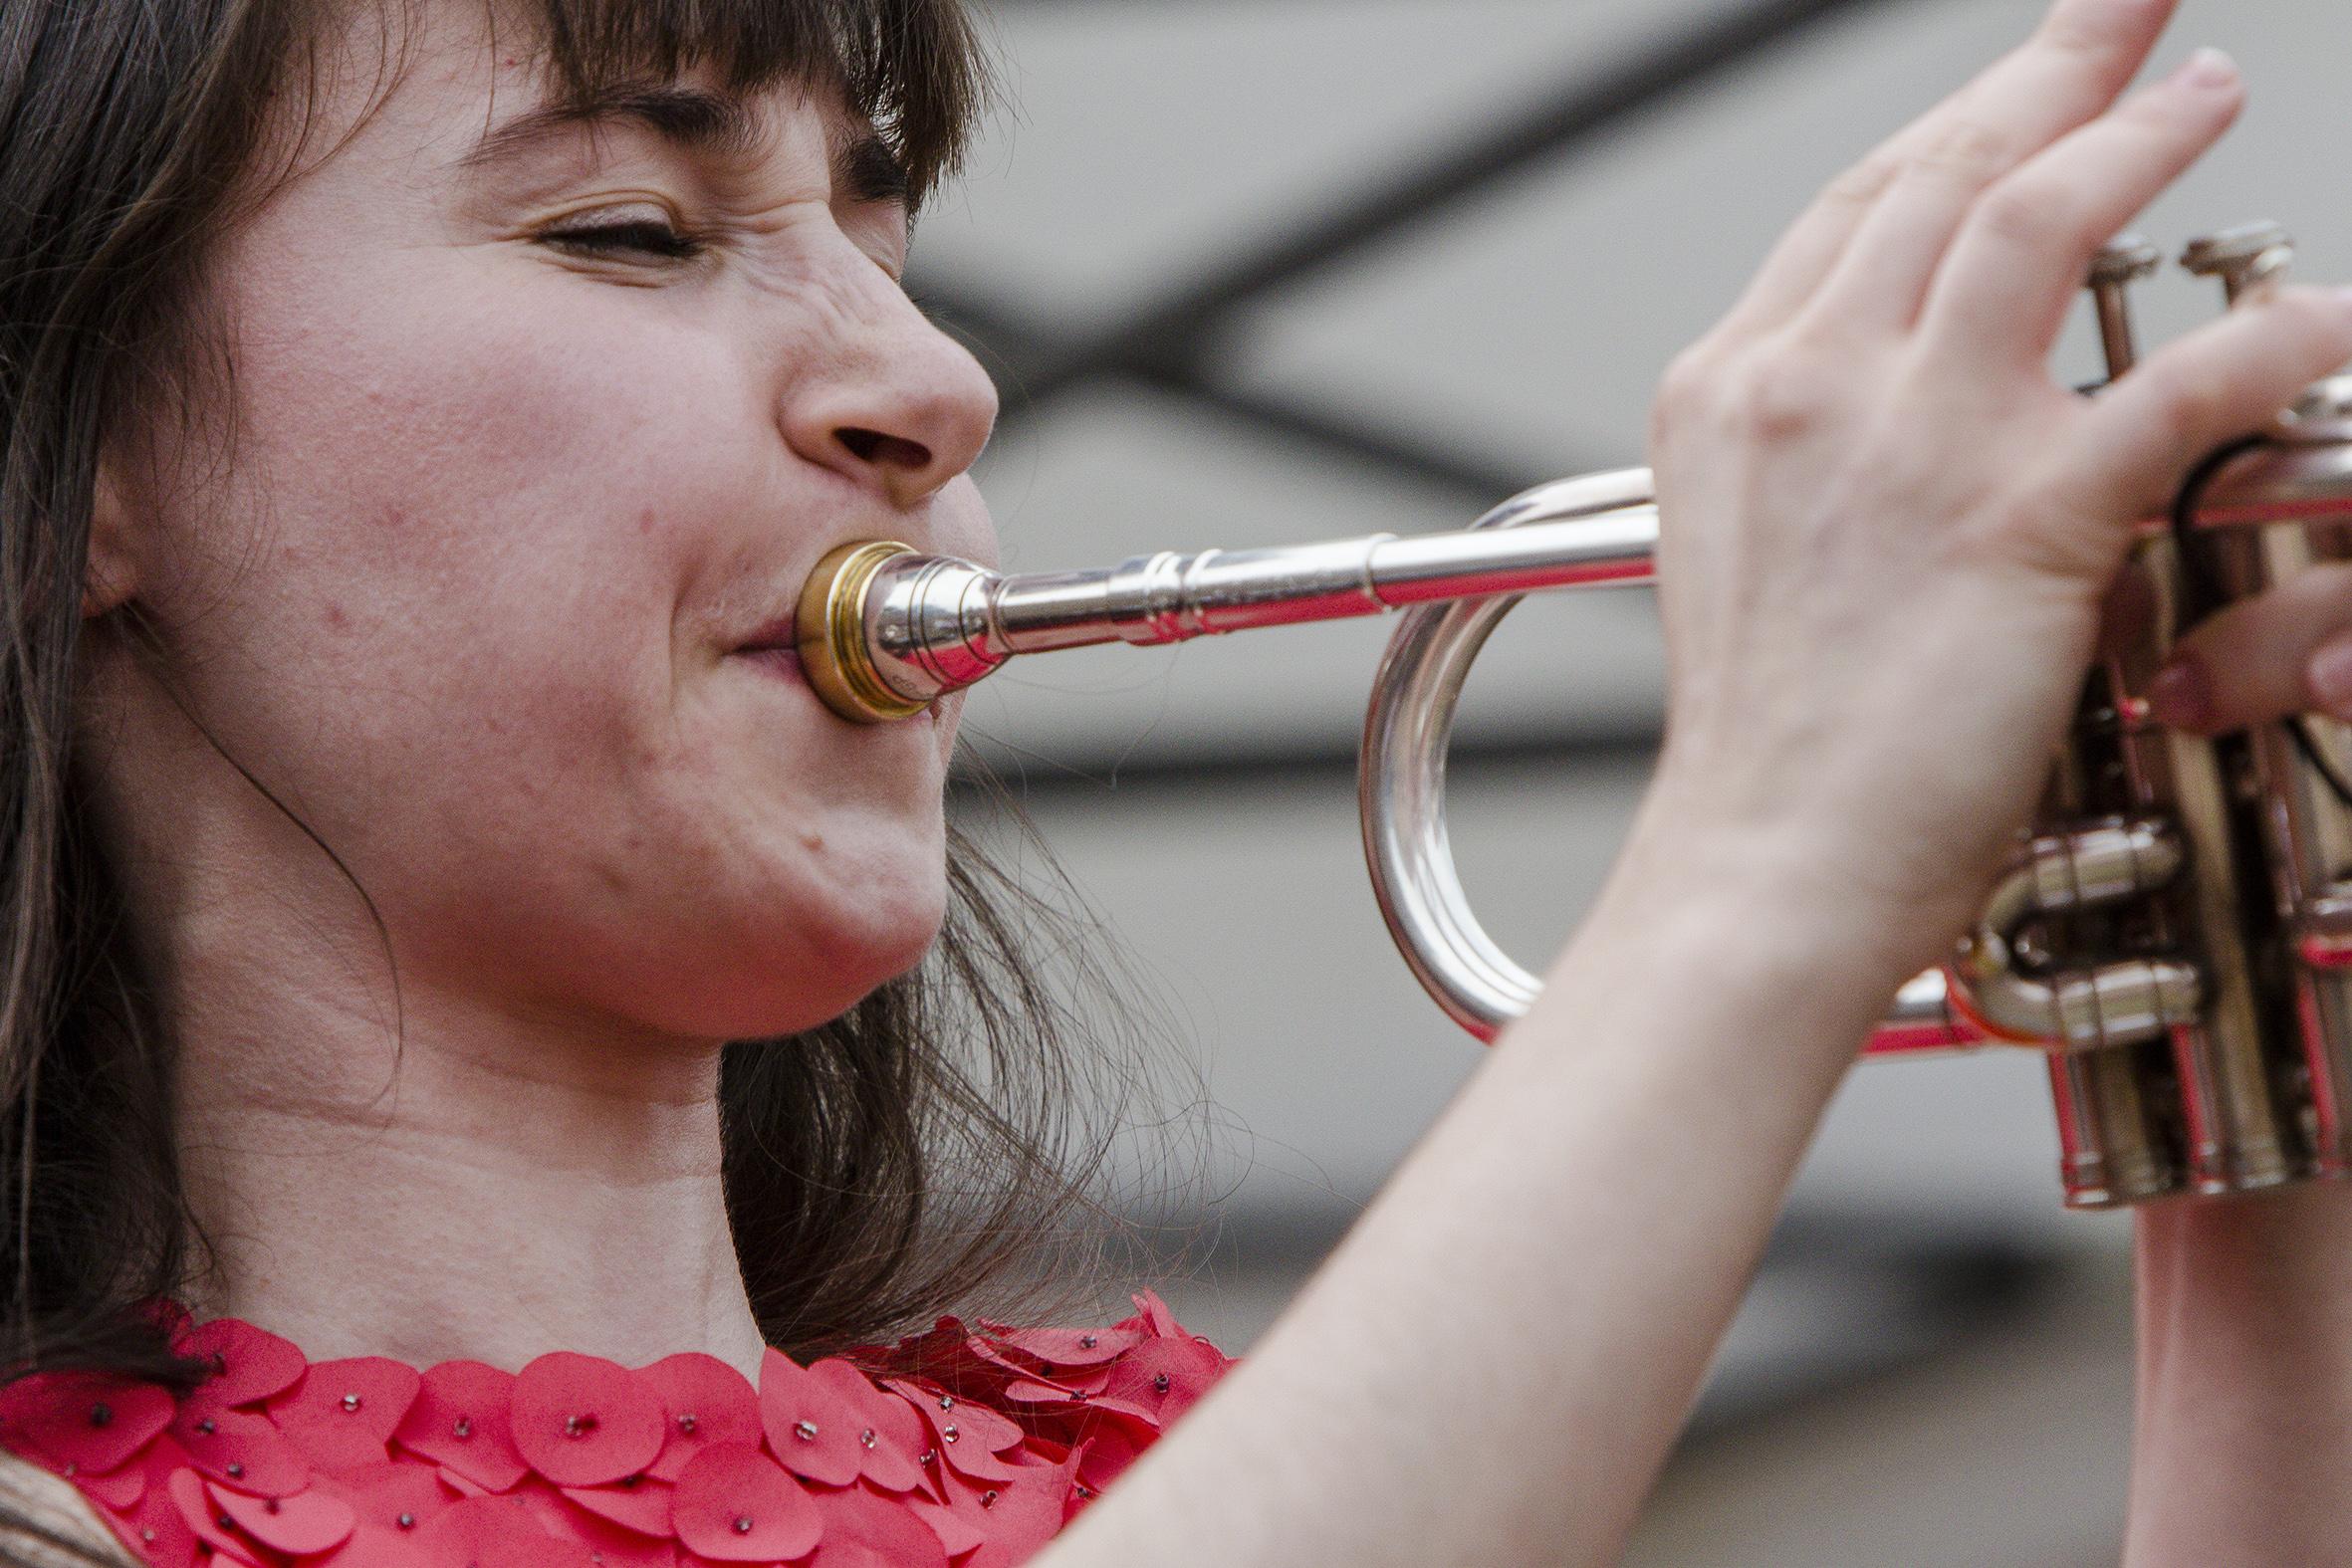 portraits-angela-avetissyan-quartet-festival-au-gr+¿s-du-jazz-la-petite-pierre-2015-marie-colette-becker-08